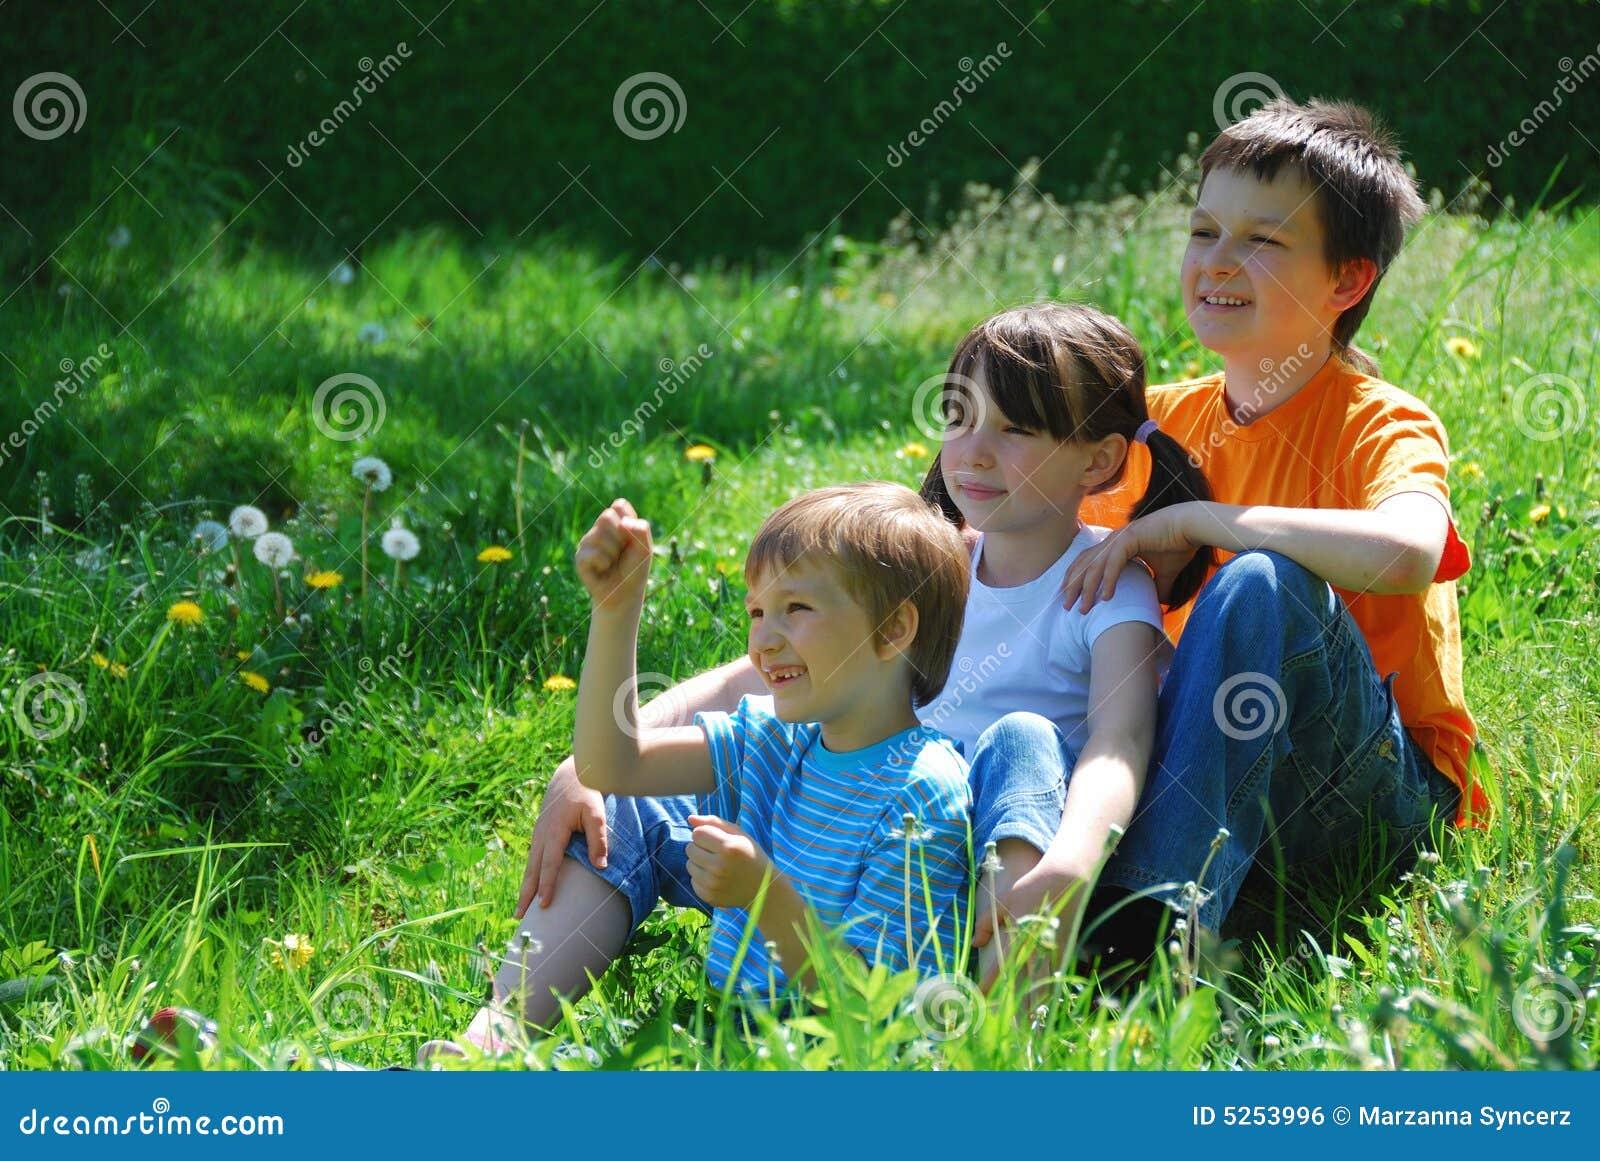 Três miúdos em um prado